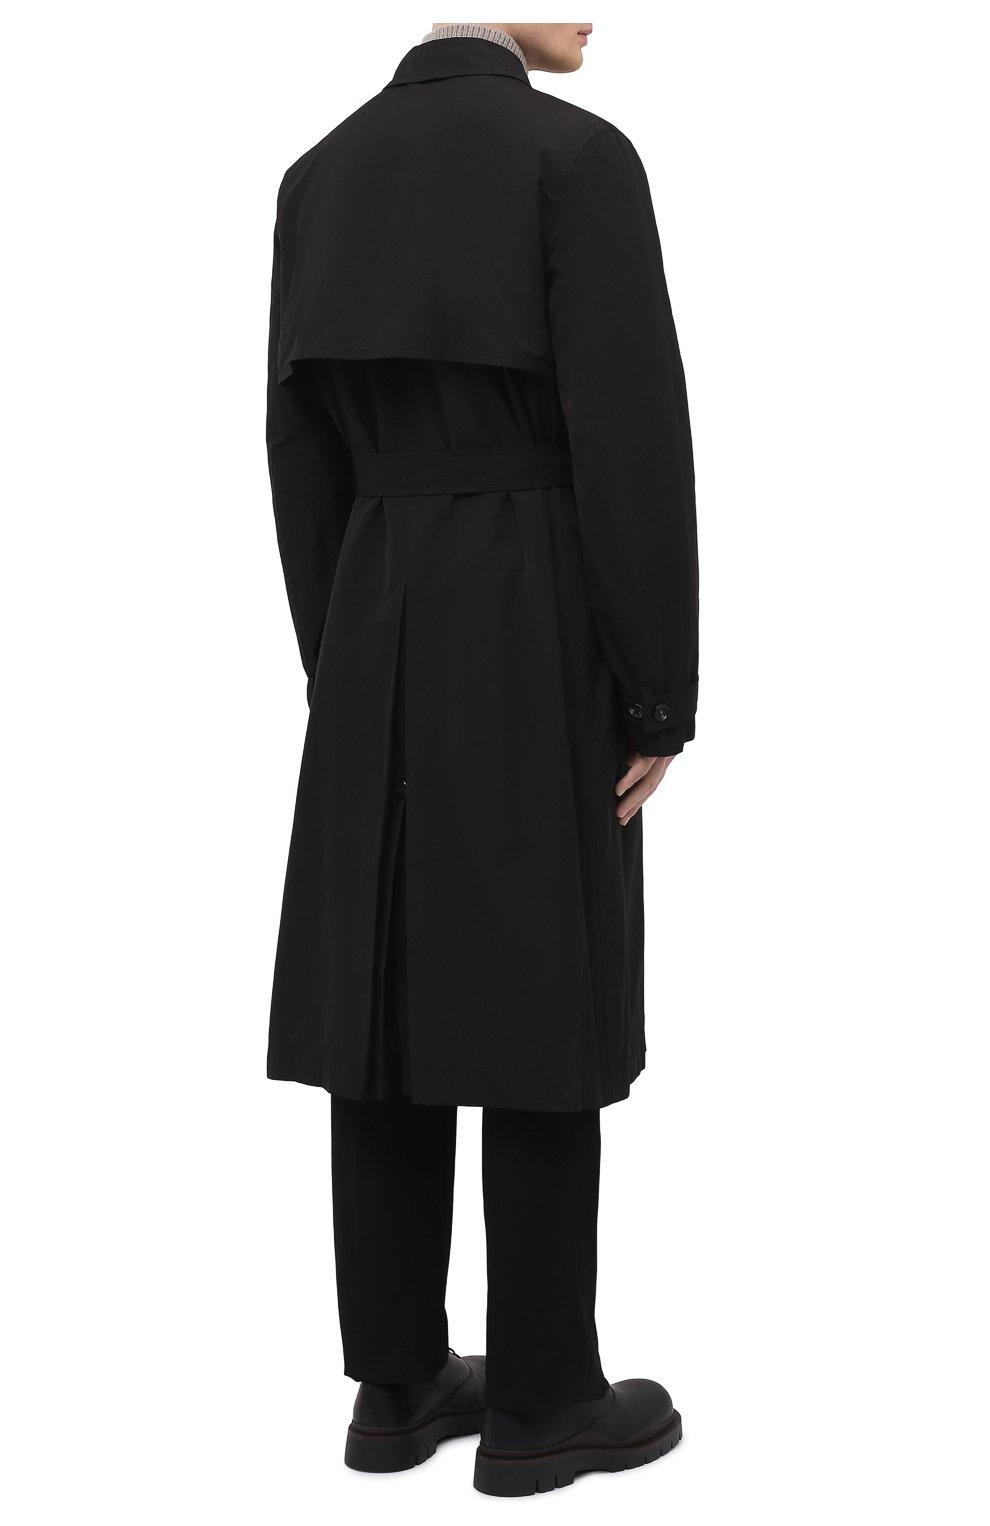 Мужской тренч BOTTEGA VENETA черного цвета, арт. 660143/V0Y20 | Фото 4 (Мужское Кросс-КТ: Тренчкот-верхняя одежда; Рукава: Длинные; Материал внешний: Синтетический материал, Хлопок; Материал подклада: Синтетический материал; Длина (верхняя одежда): Длинные; Стили: Кэжуэл)